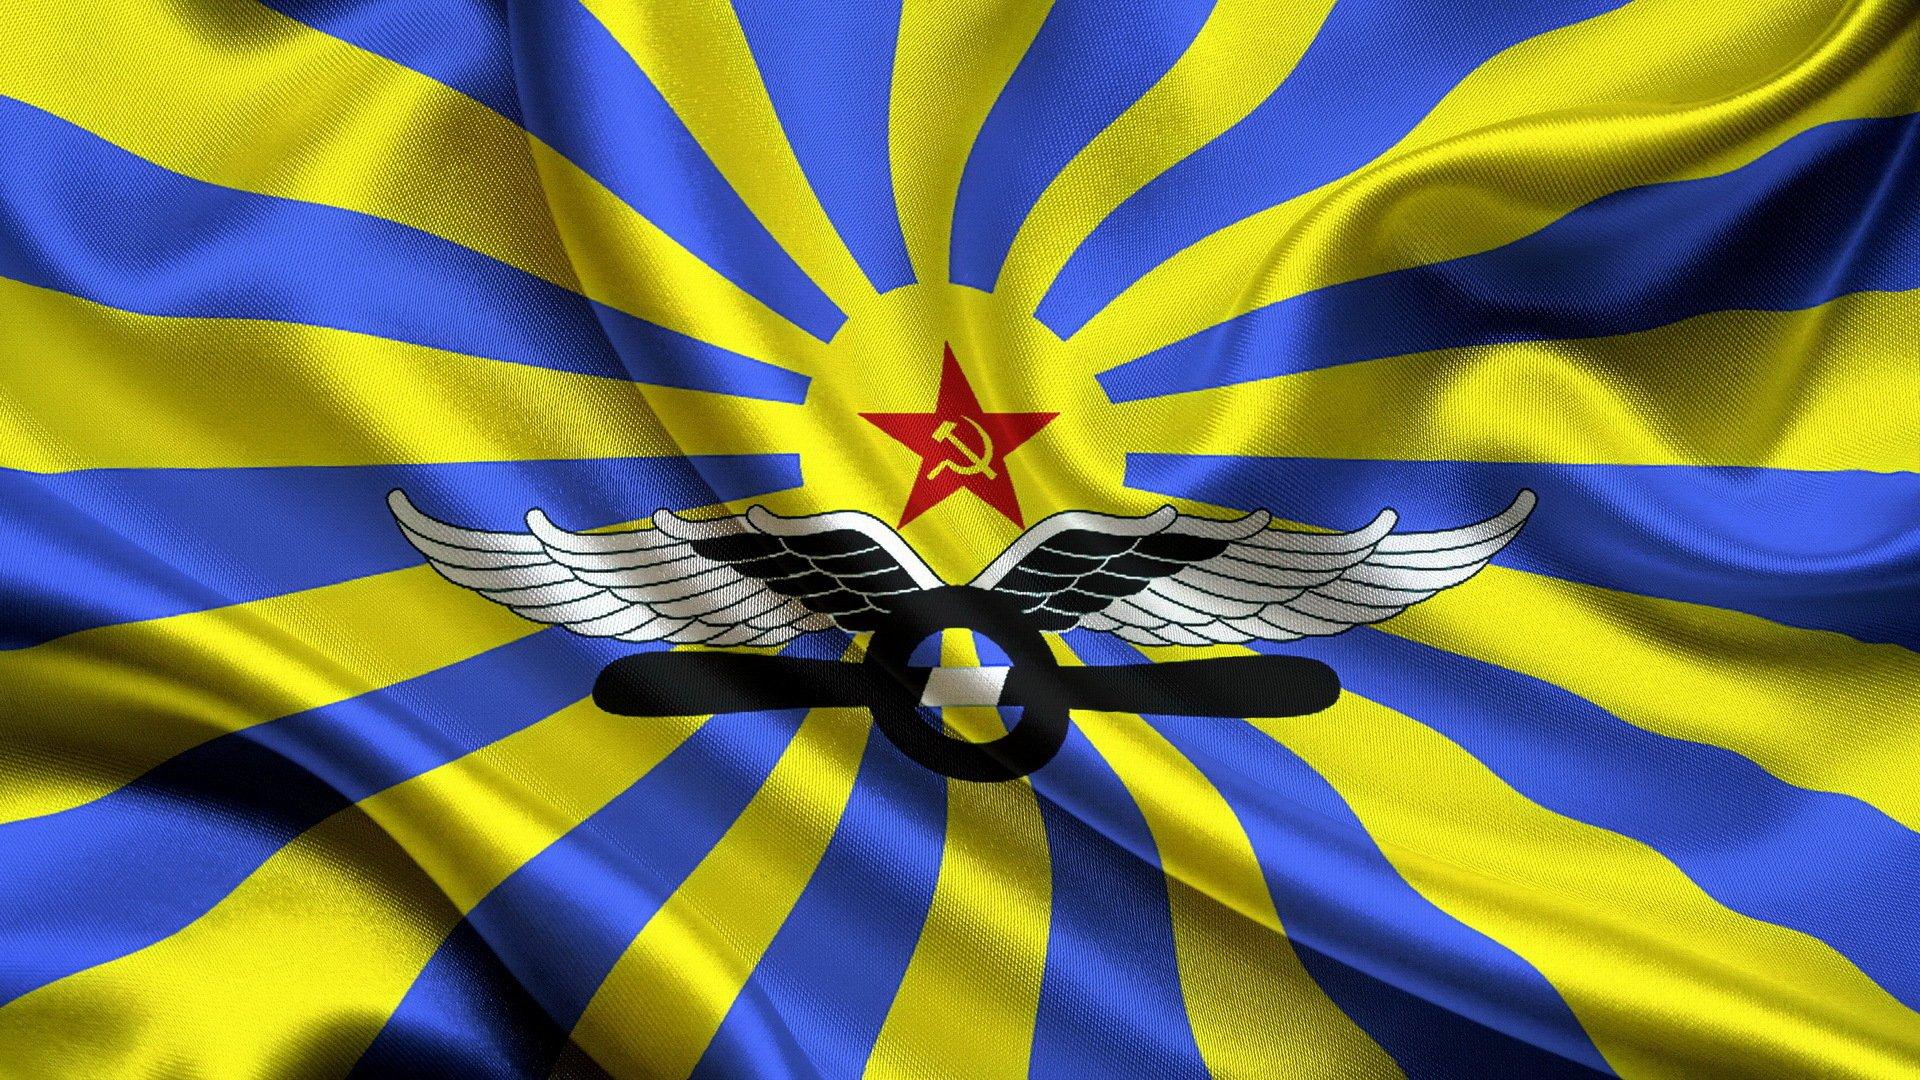 флаг ввс картинки на обои всему миру растет